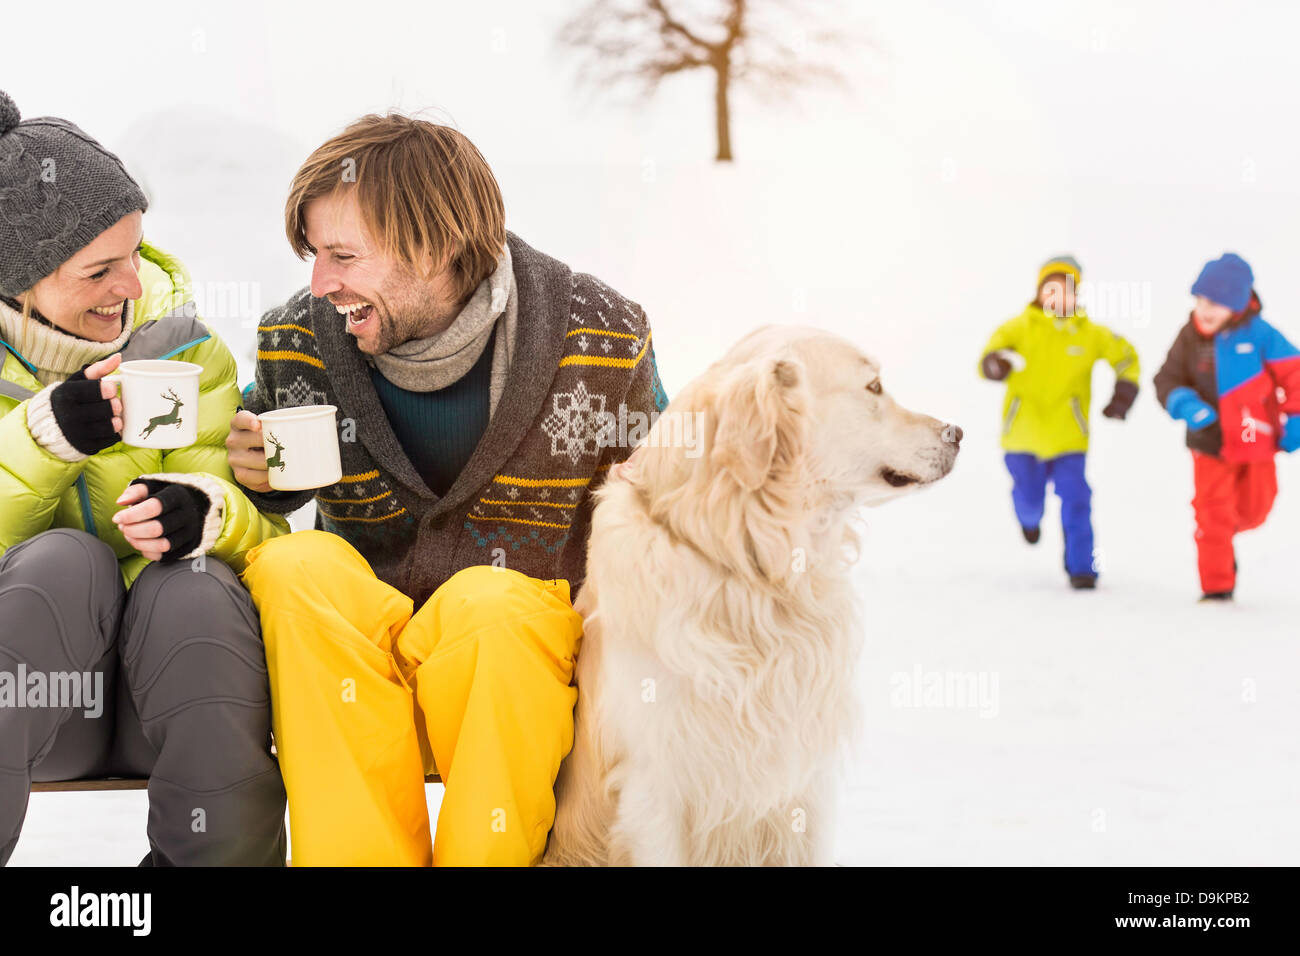 Mann und Frau mit heißen Getränken und Hund, Kinder im Hintergrund Stockbild